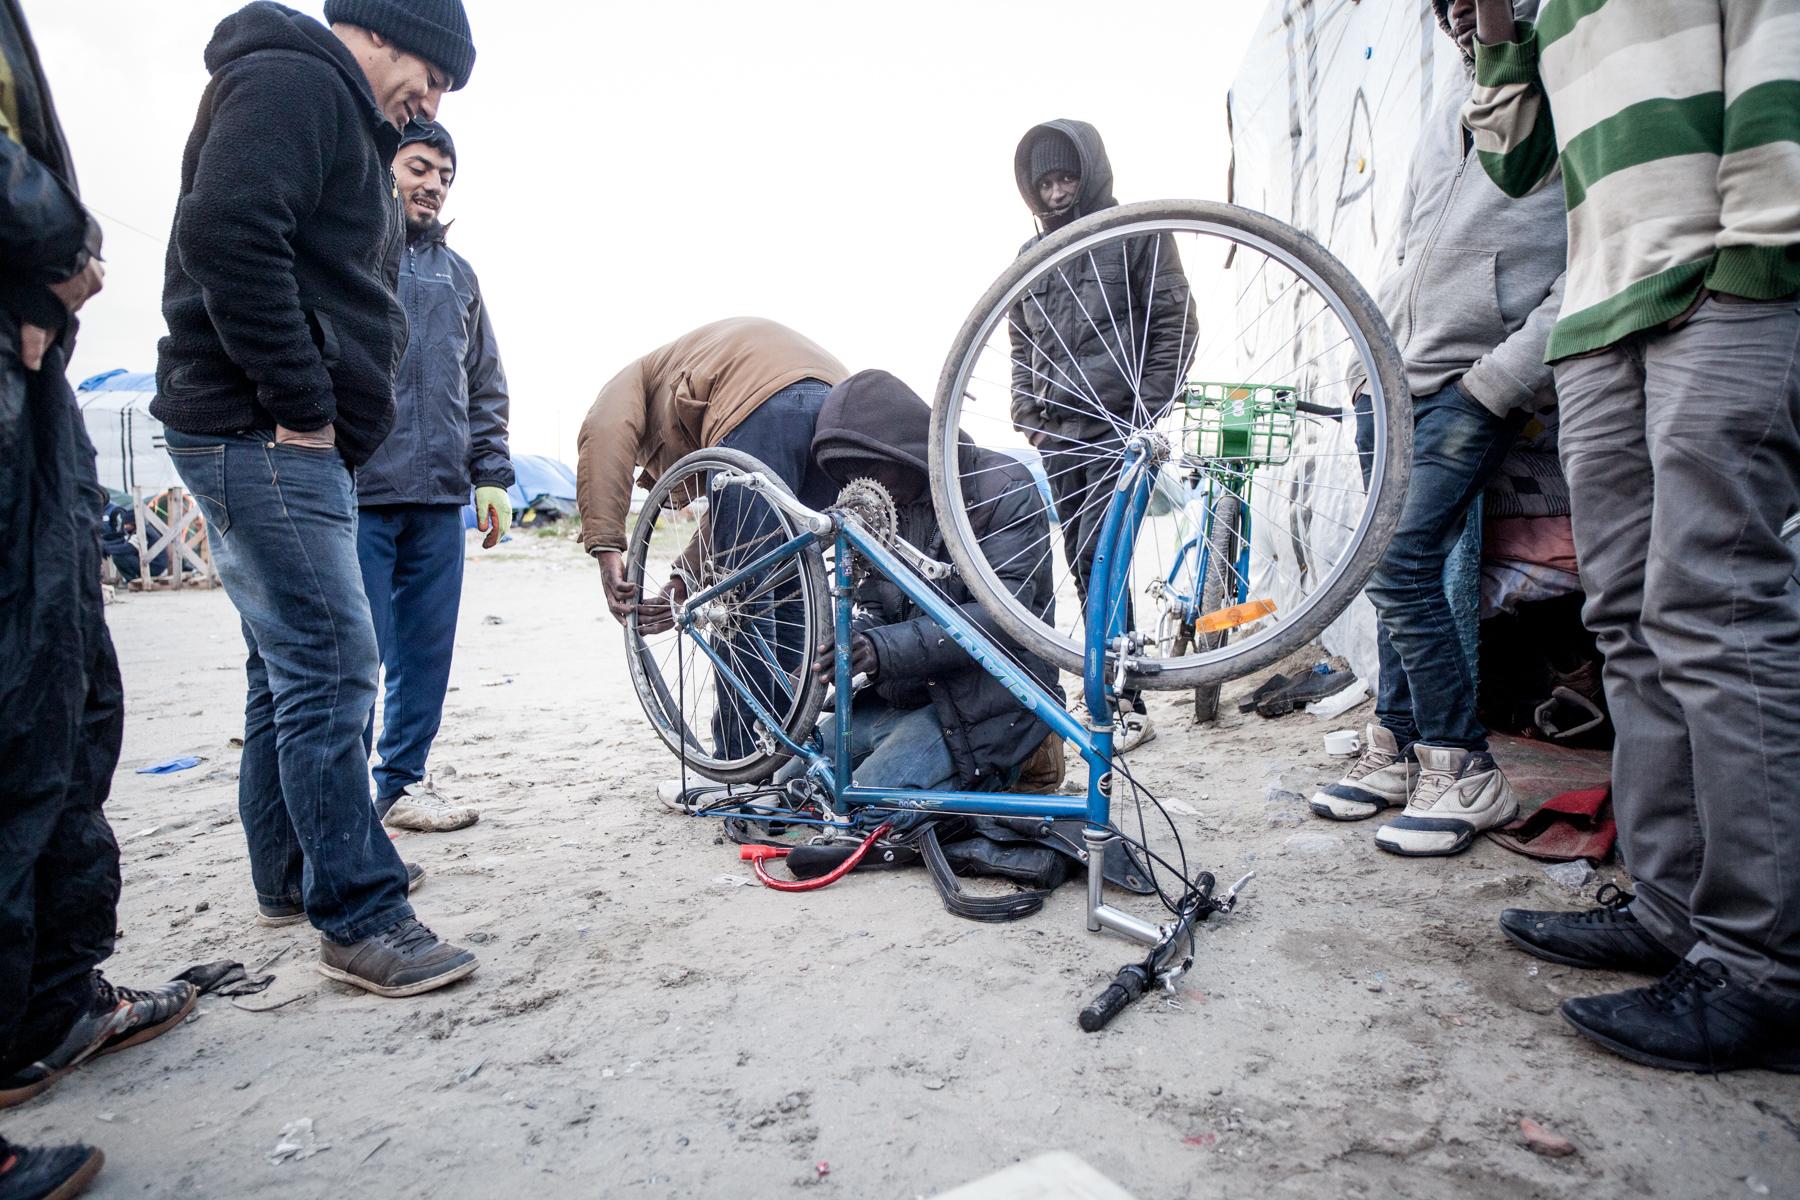 Dans la jungle, on utilise les sevices d'un autre migrant pour qu'il répare les vélos des autres.  Le Monde - 13.10.15